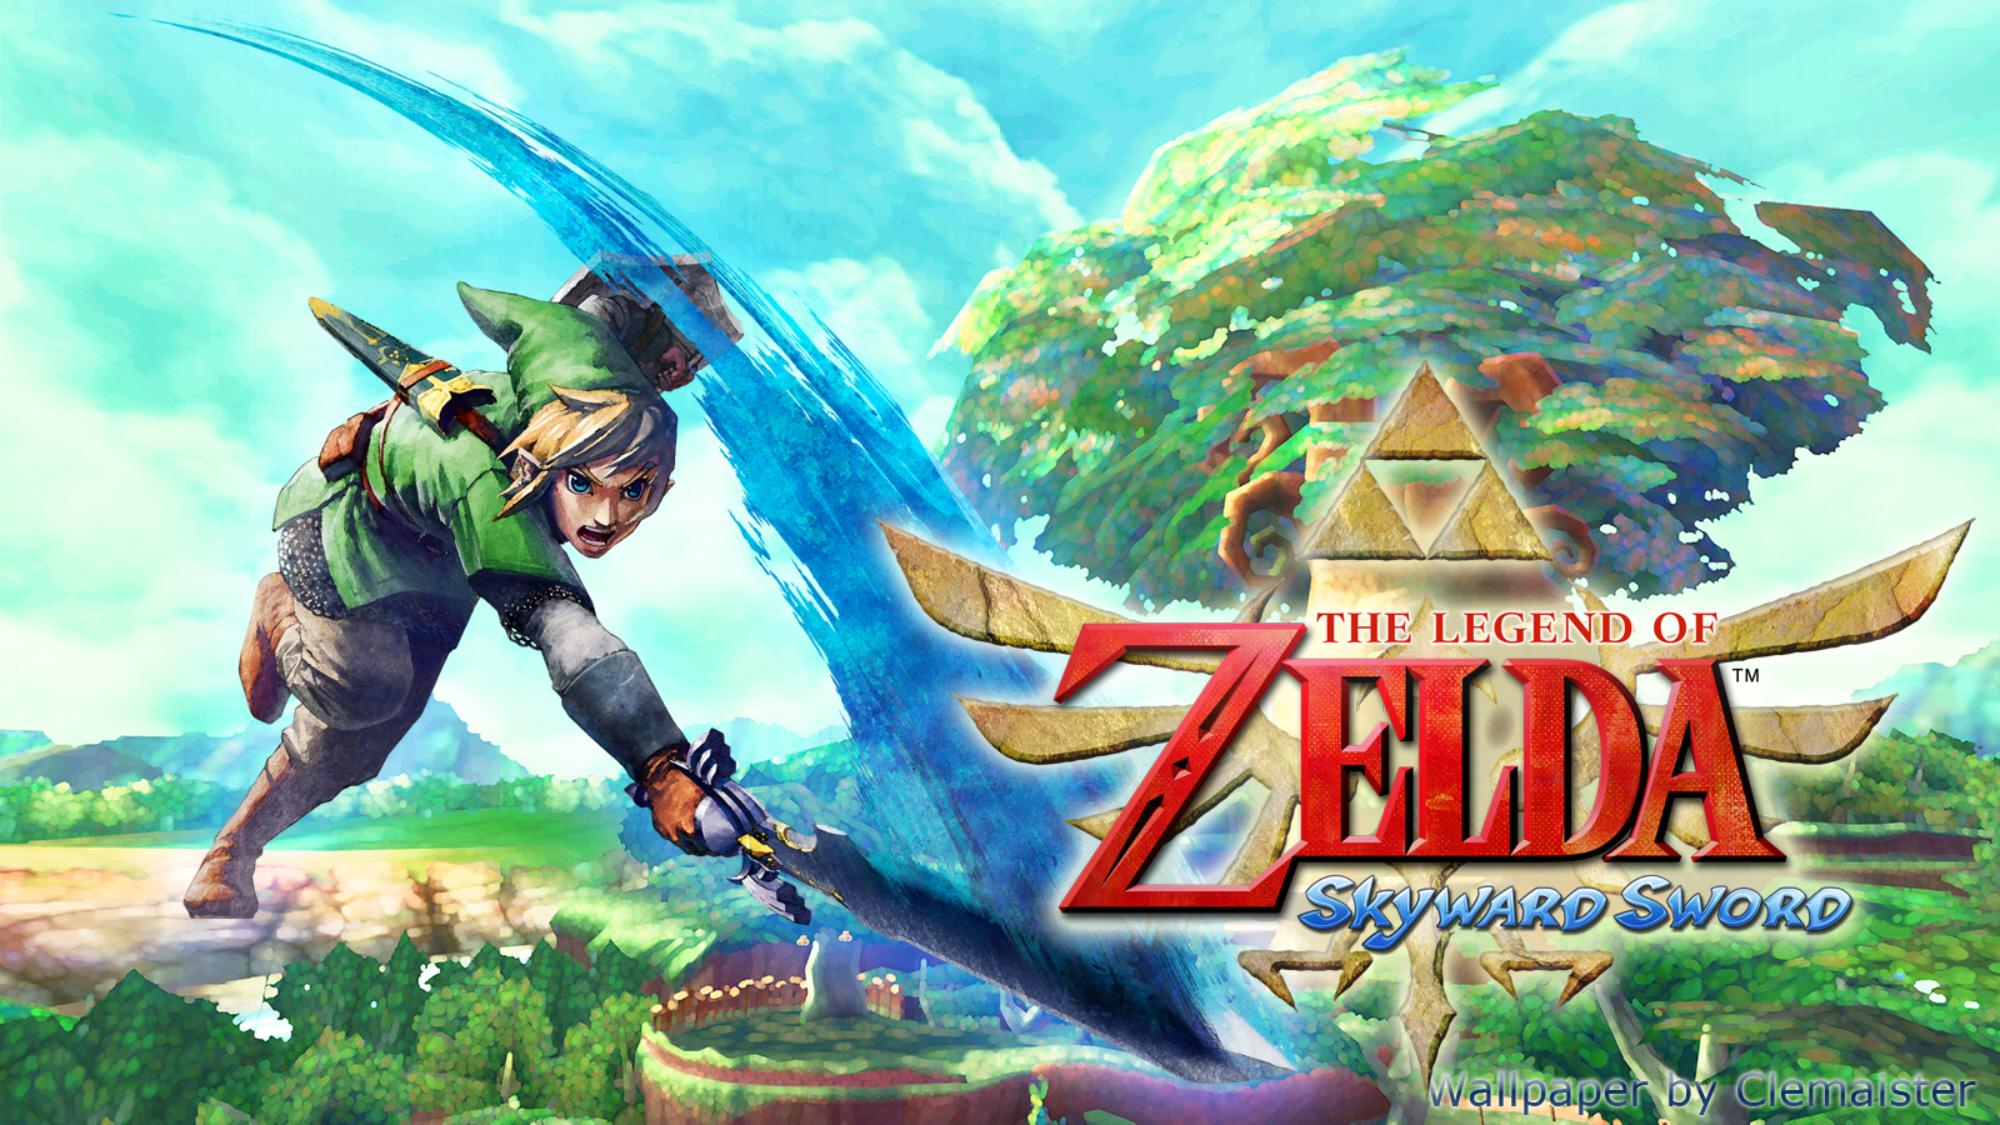 Zelda: Skyward Sword Wallpaper Forest Strike By Clemaister